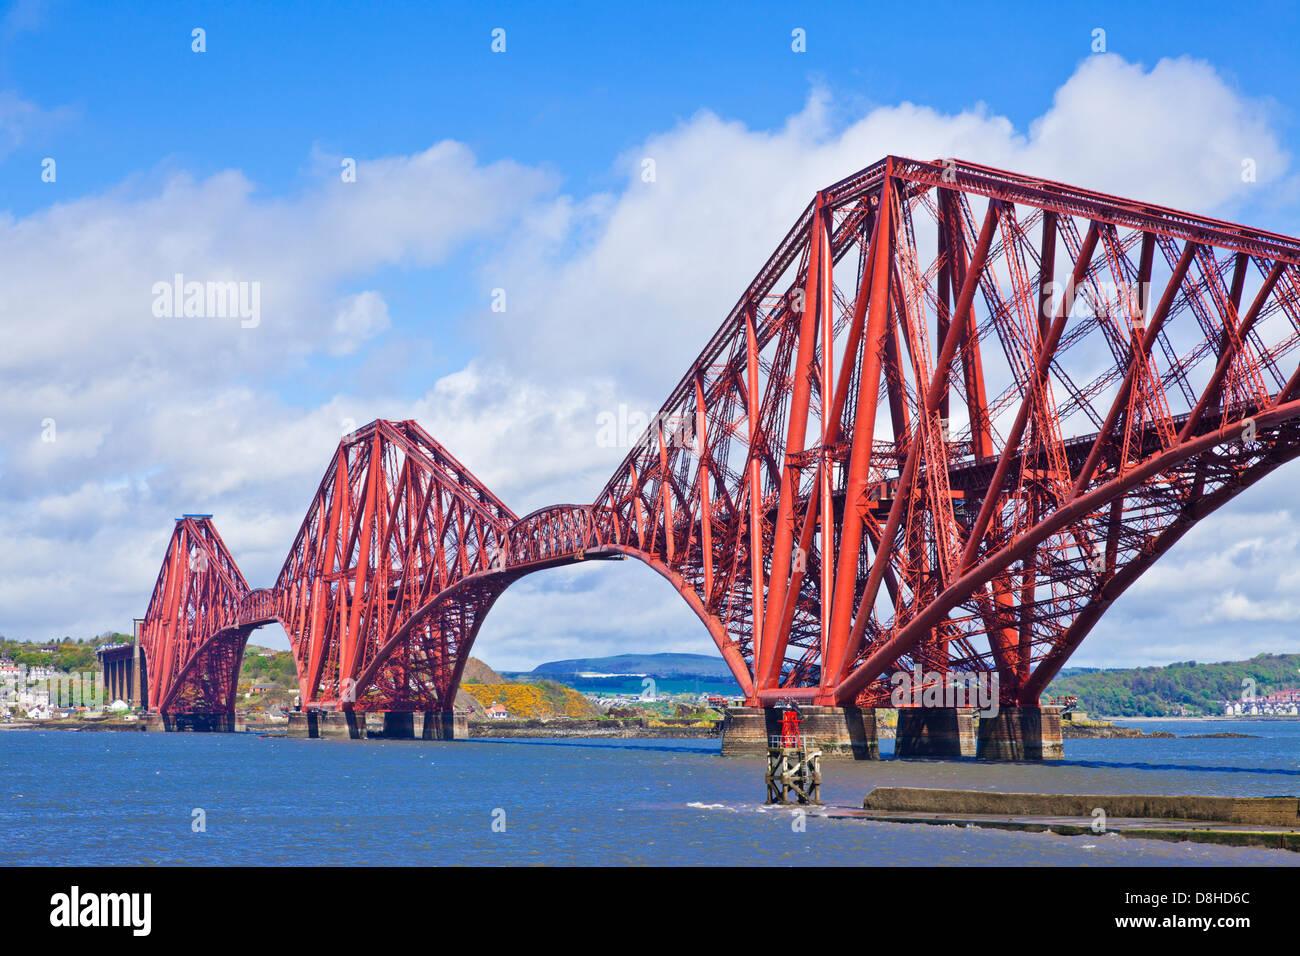 Die Forth Rail Bridge am South Queensferry in der Nähe von Edinburgh Lothian Schottland Großbritannien Stockbild